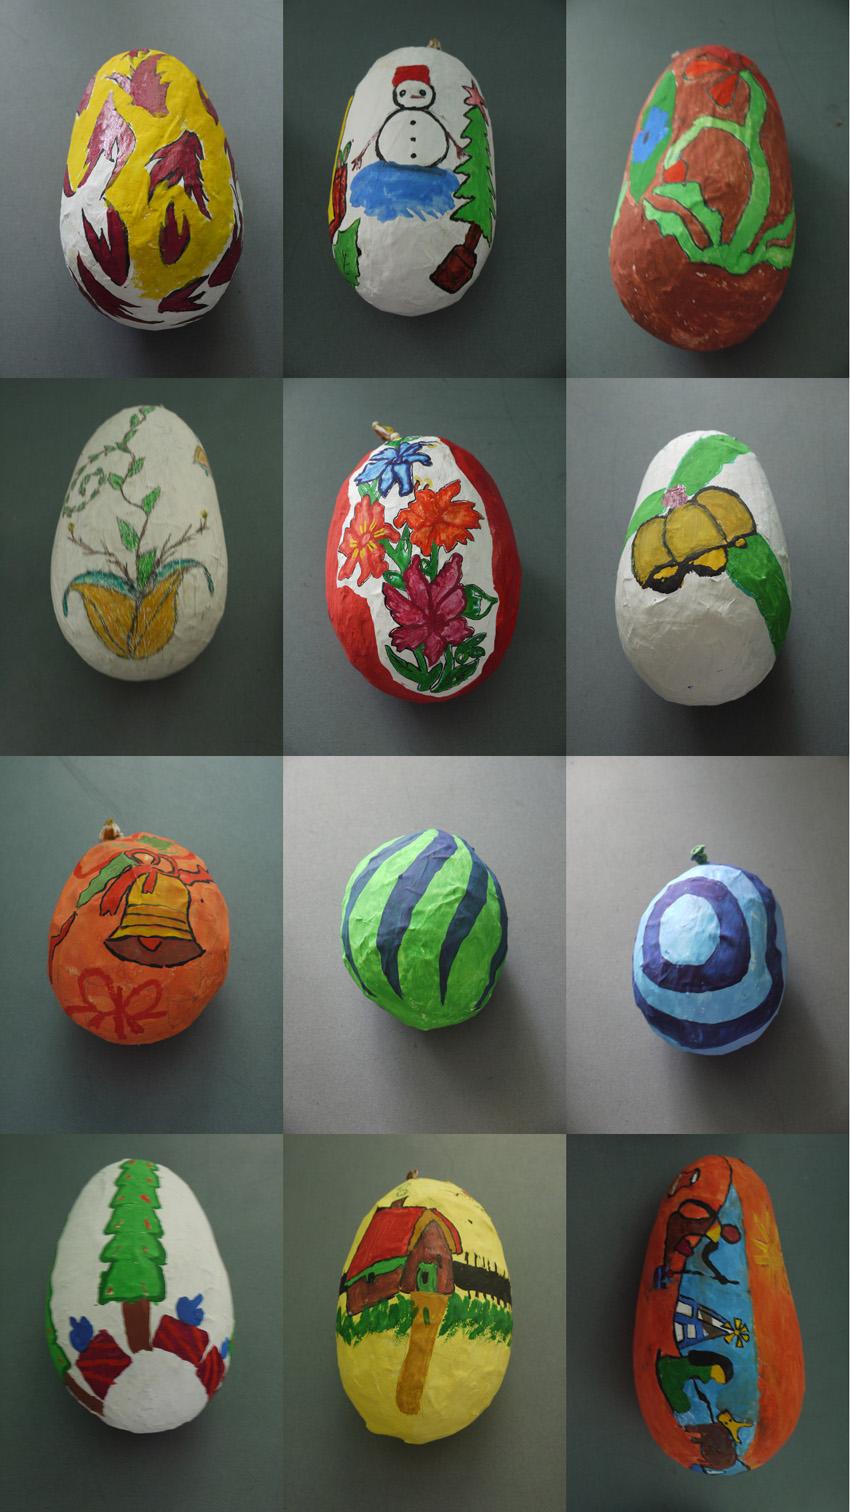 Paper Mache Decorating November 2009 Mvp Work In Progress